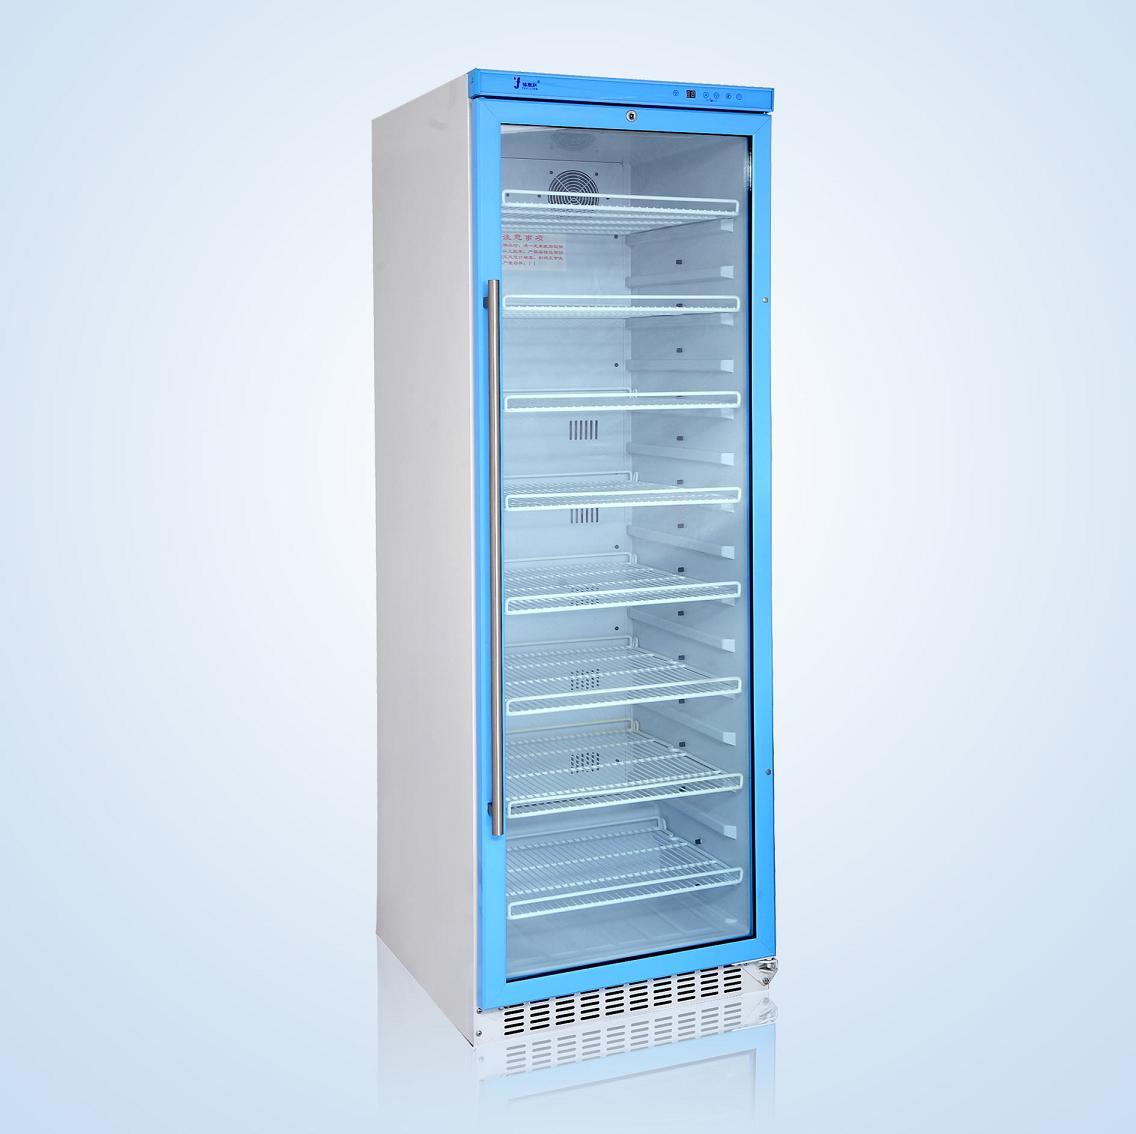 醫用保溫柜 規格:50L 控溫范圍+4℃~+38℃